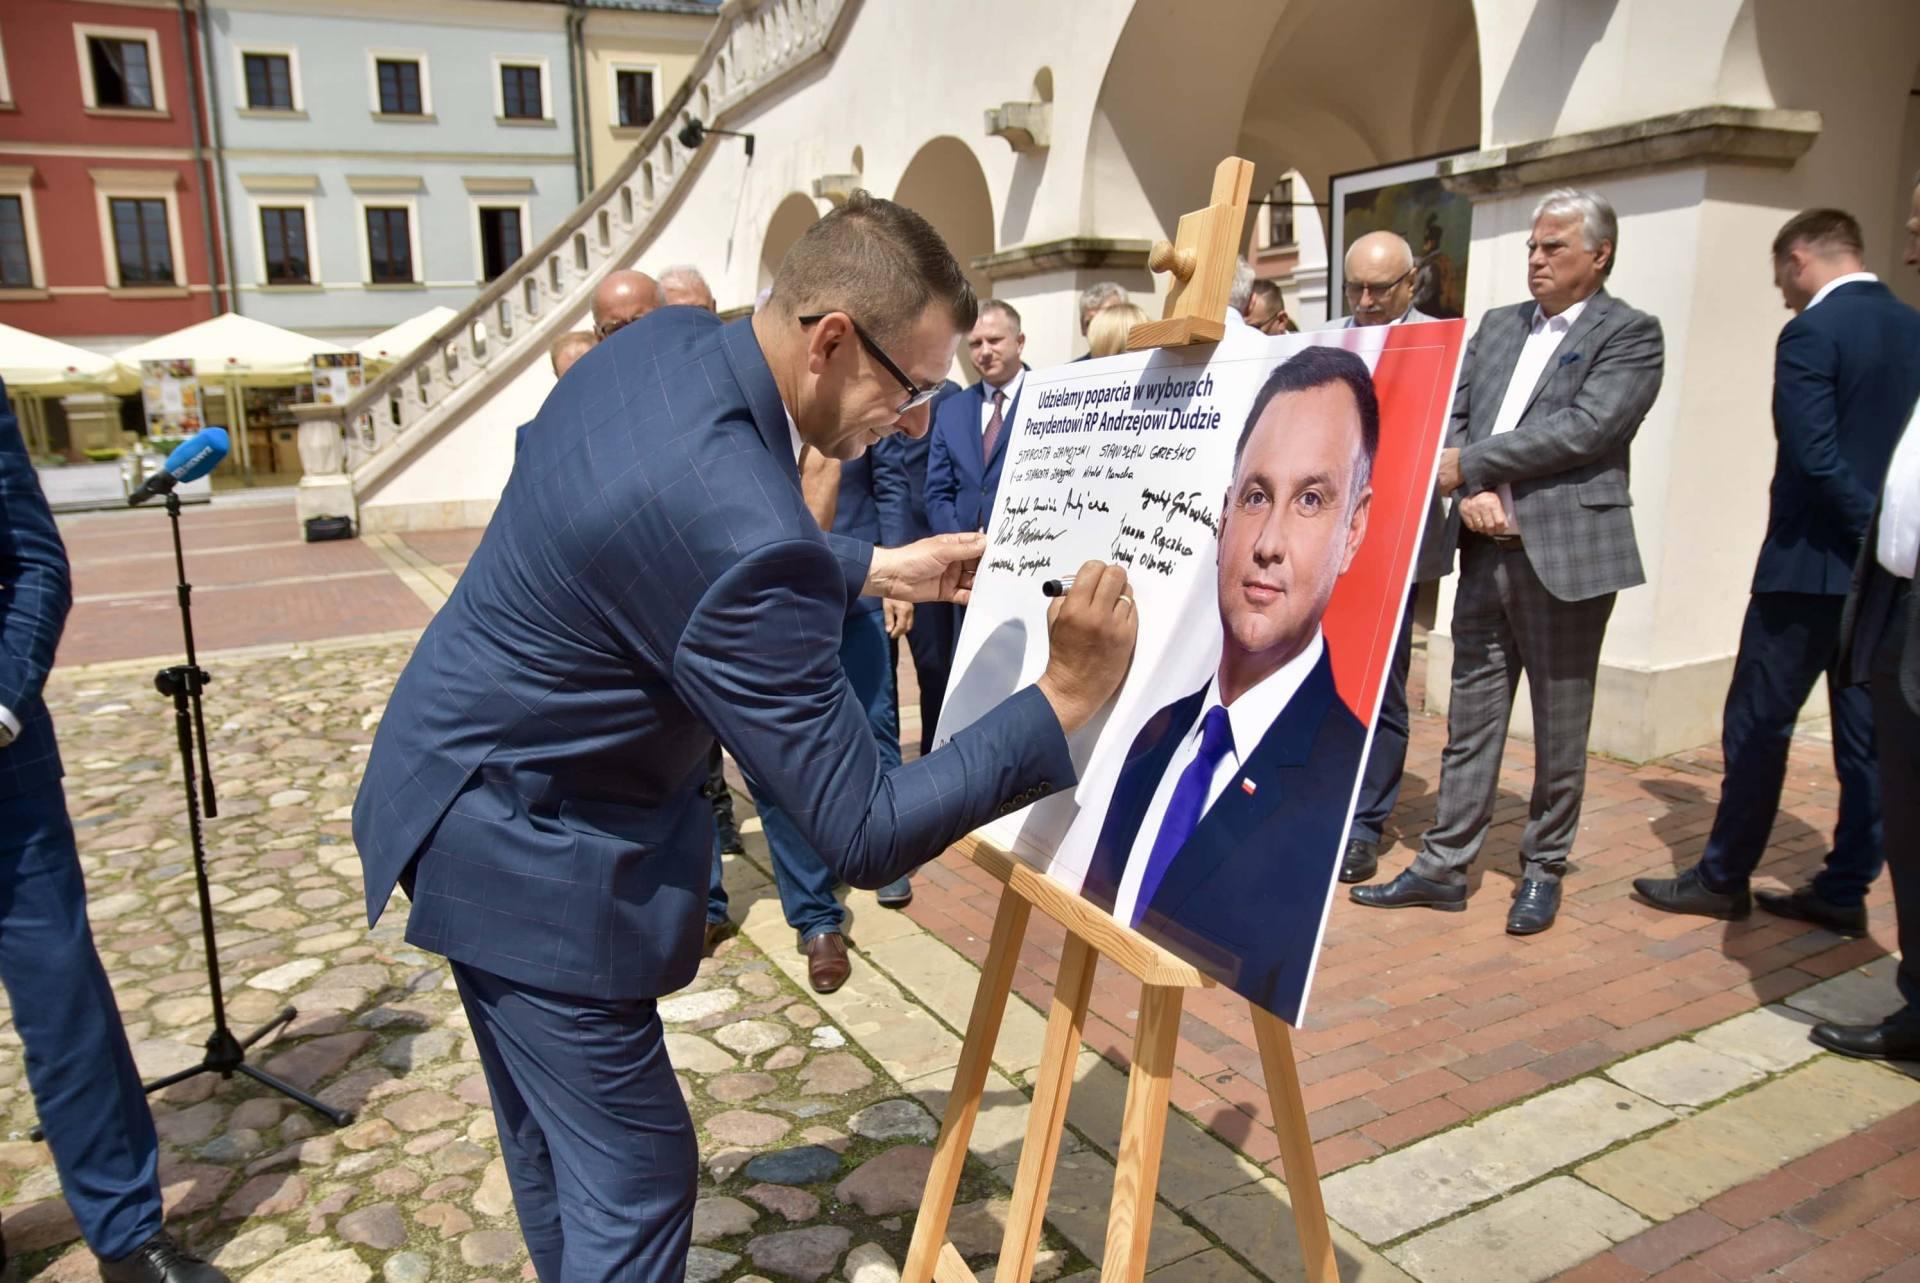 dsc 7785 Zamość: Udzielili poparcia prezydentowi Andrzejowi Dudzie